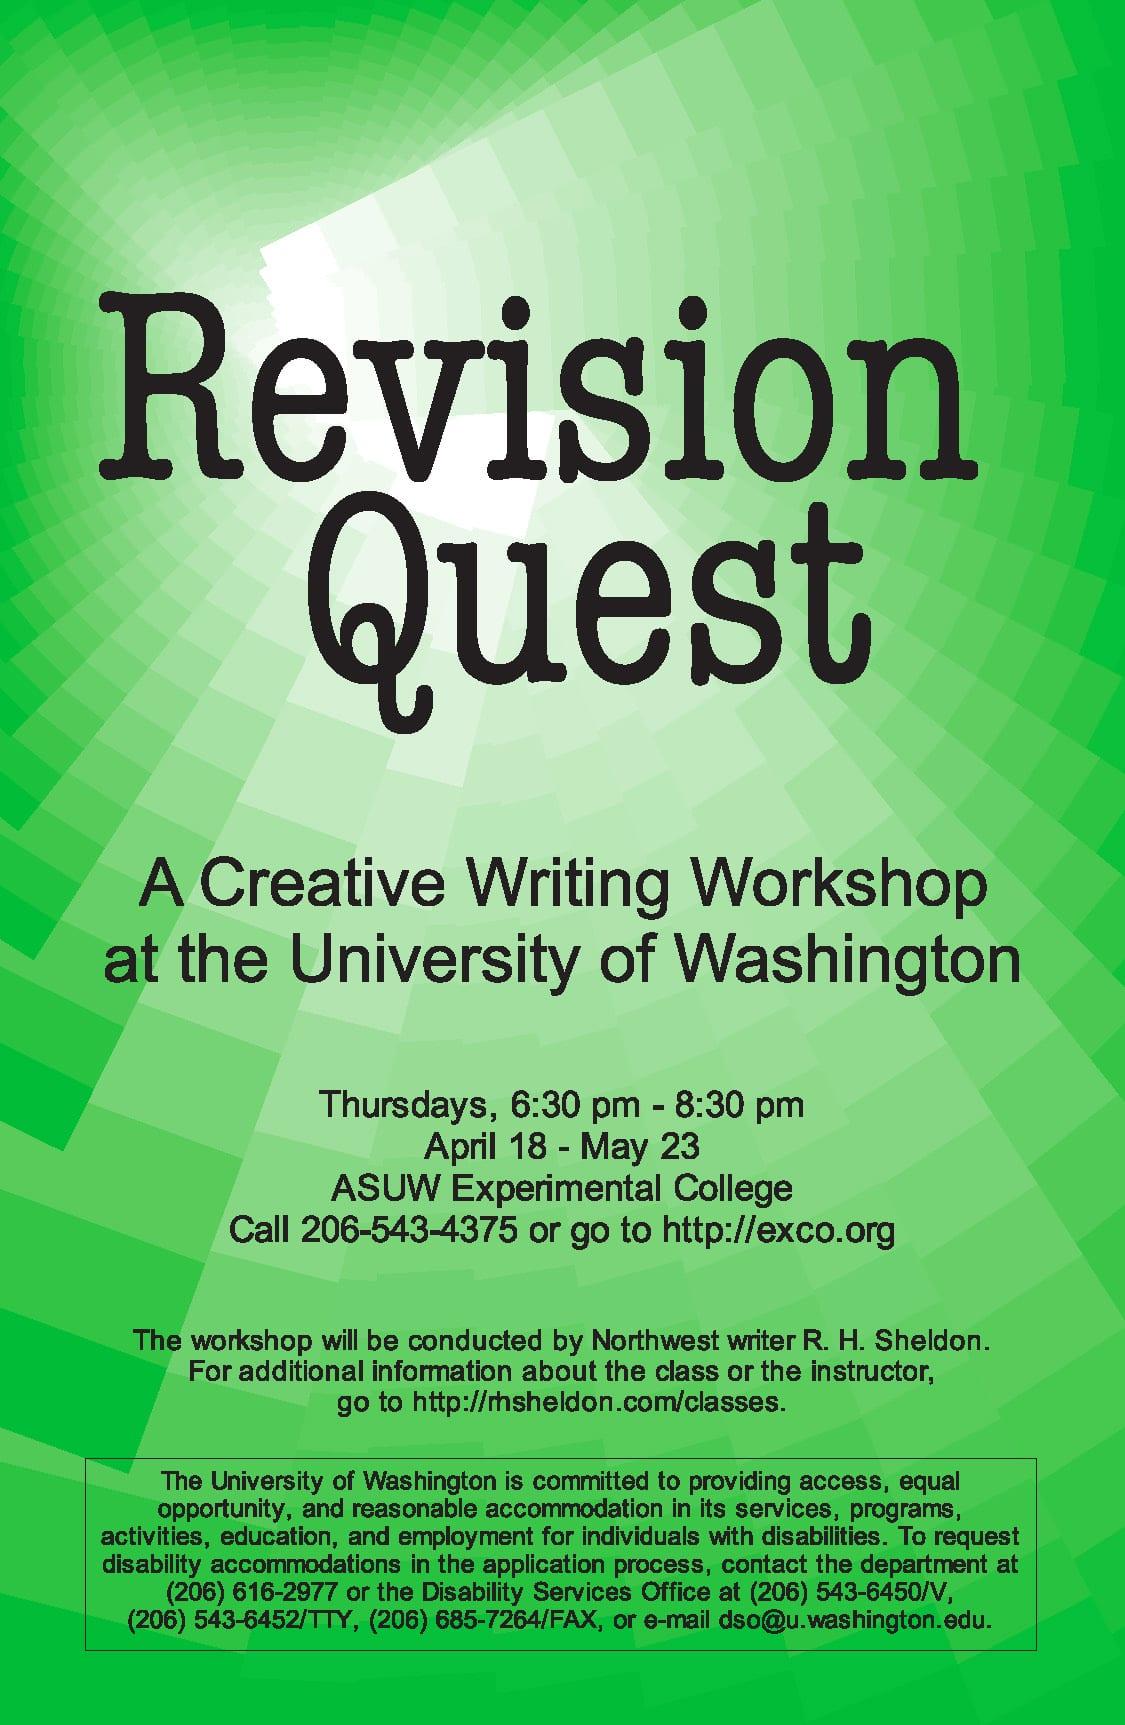 university of washington creative writing